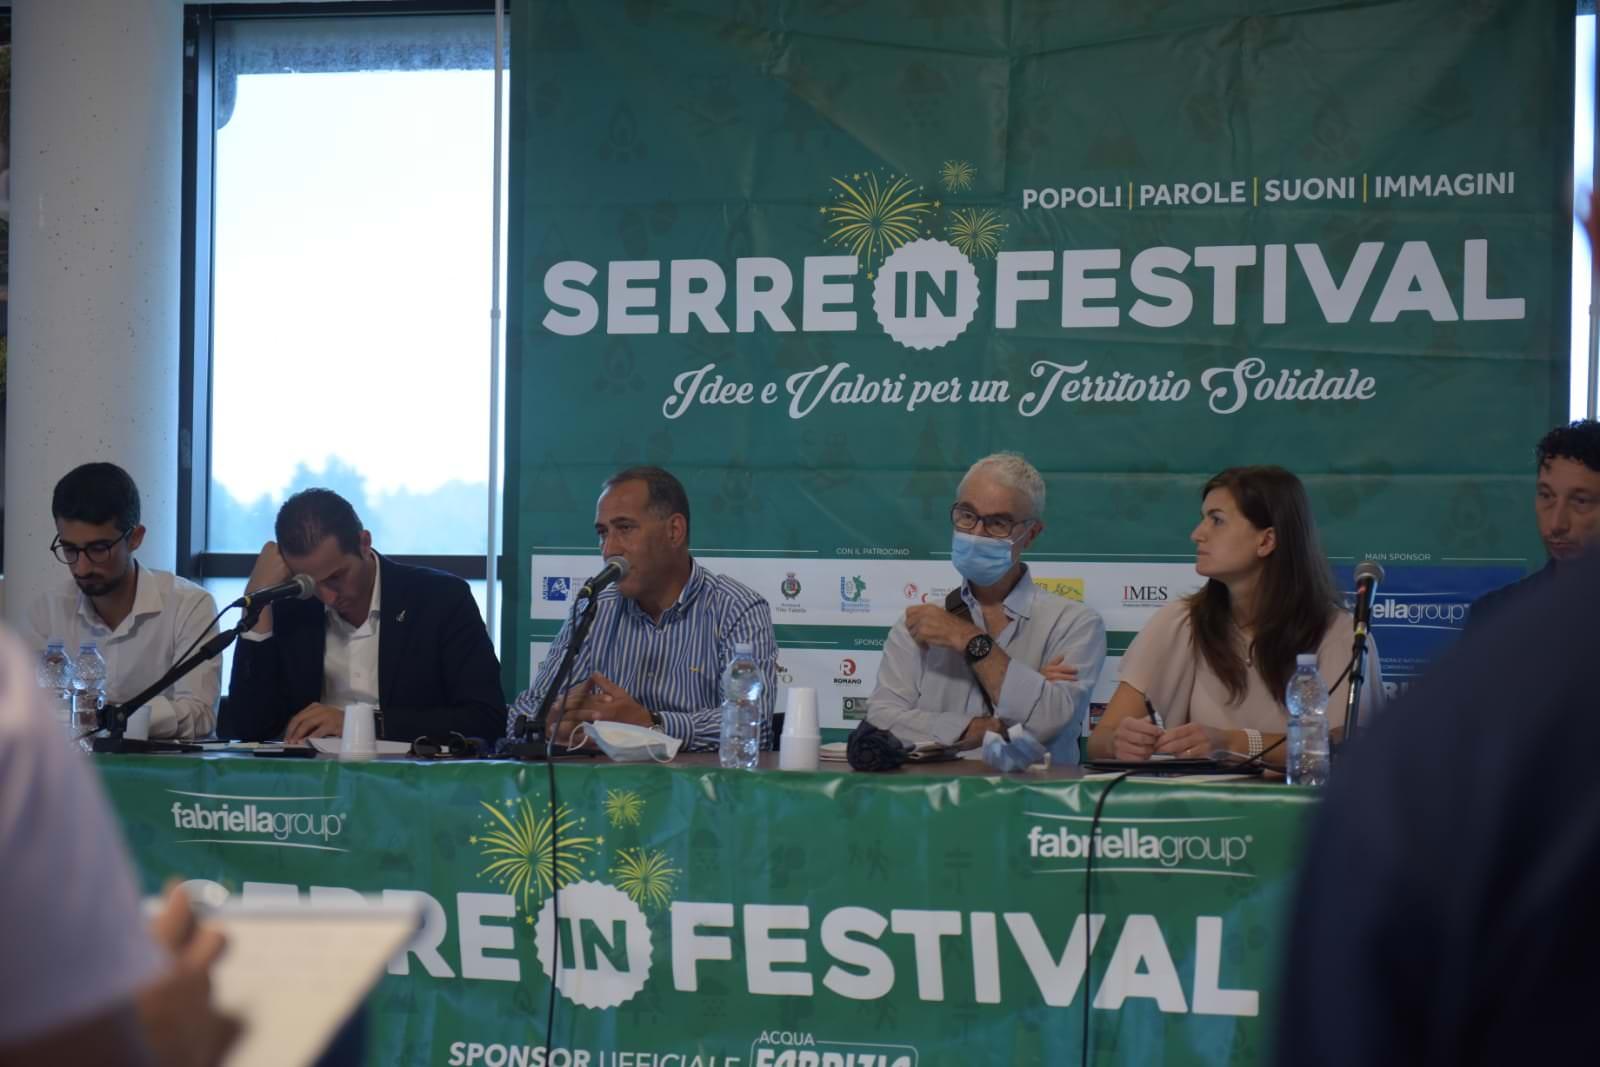 SerrainFestival 2020